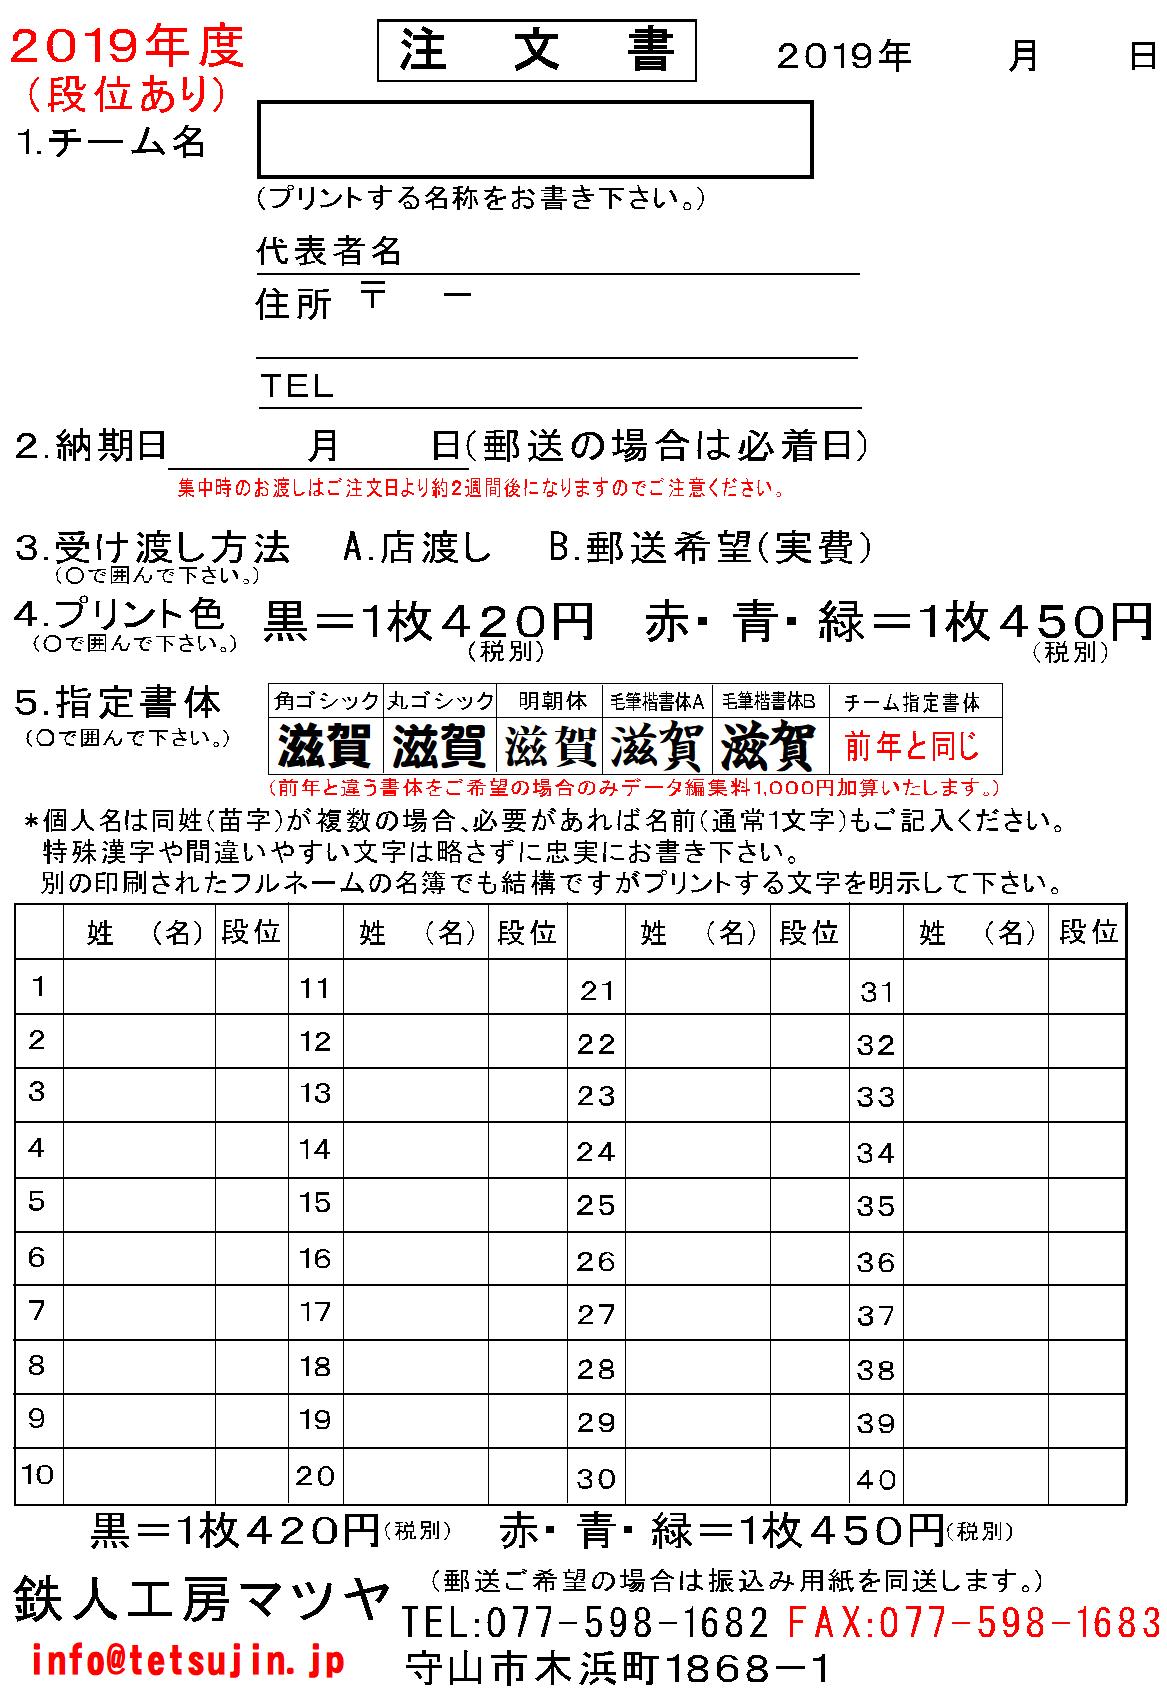 卓球 愛知 協会 県